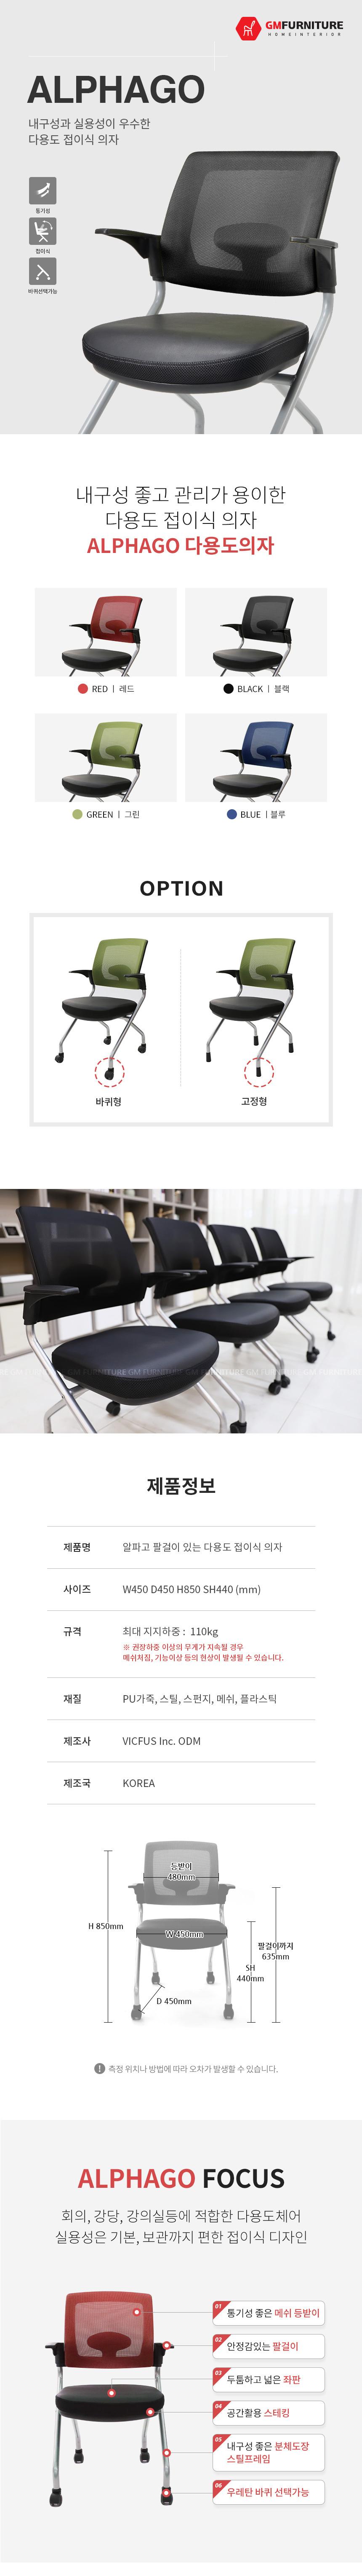 알파고 회의의자 접이식의자 색상다양 (팔걸이) - 지엠퍼니처, 66,400원, 식탁/의자, 식탁 의자